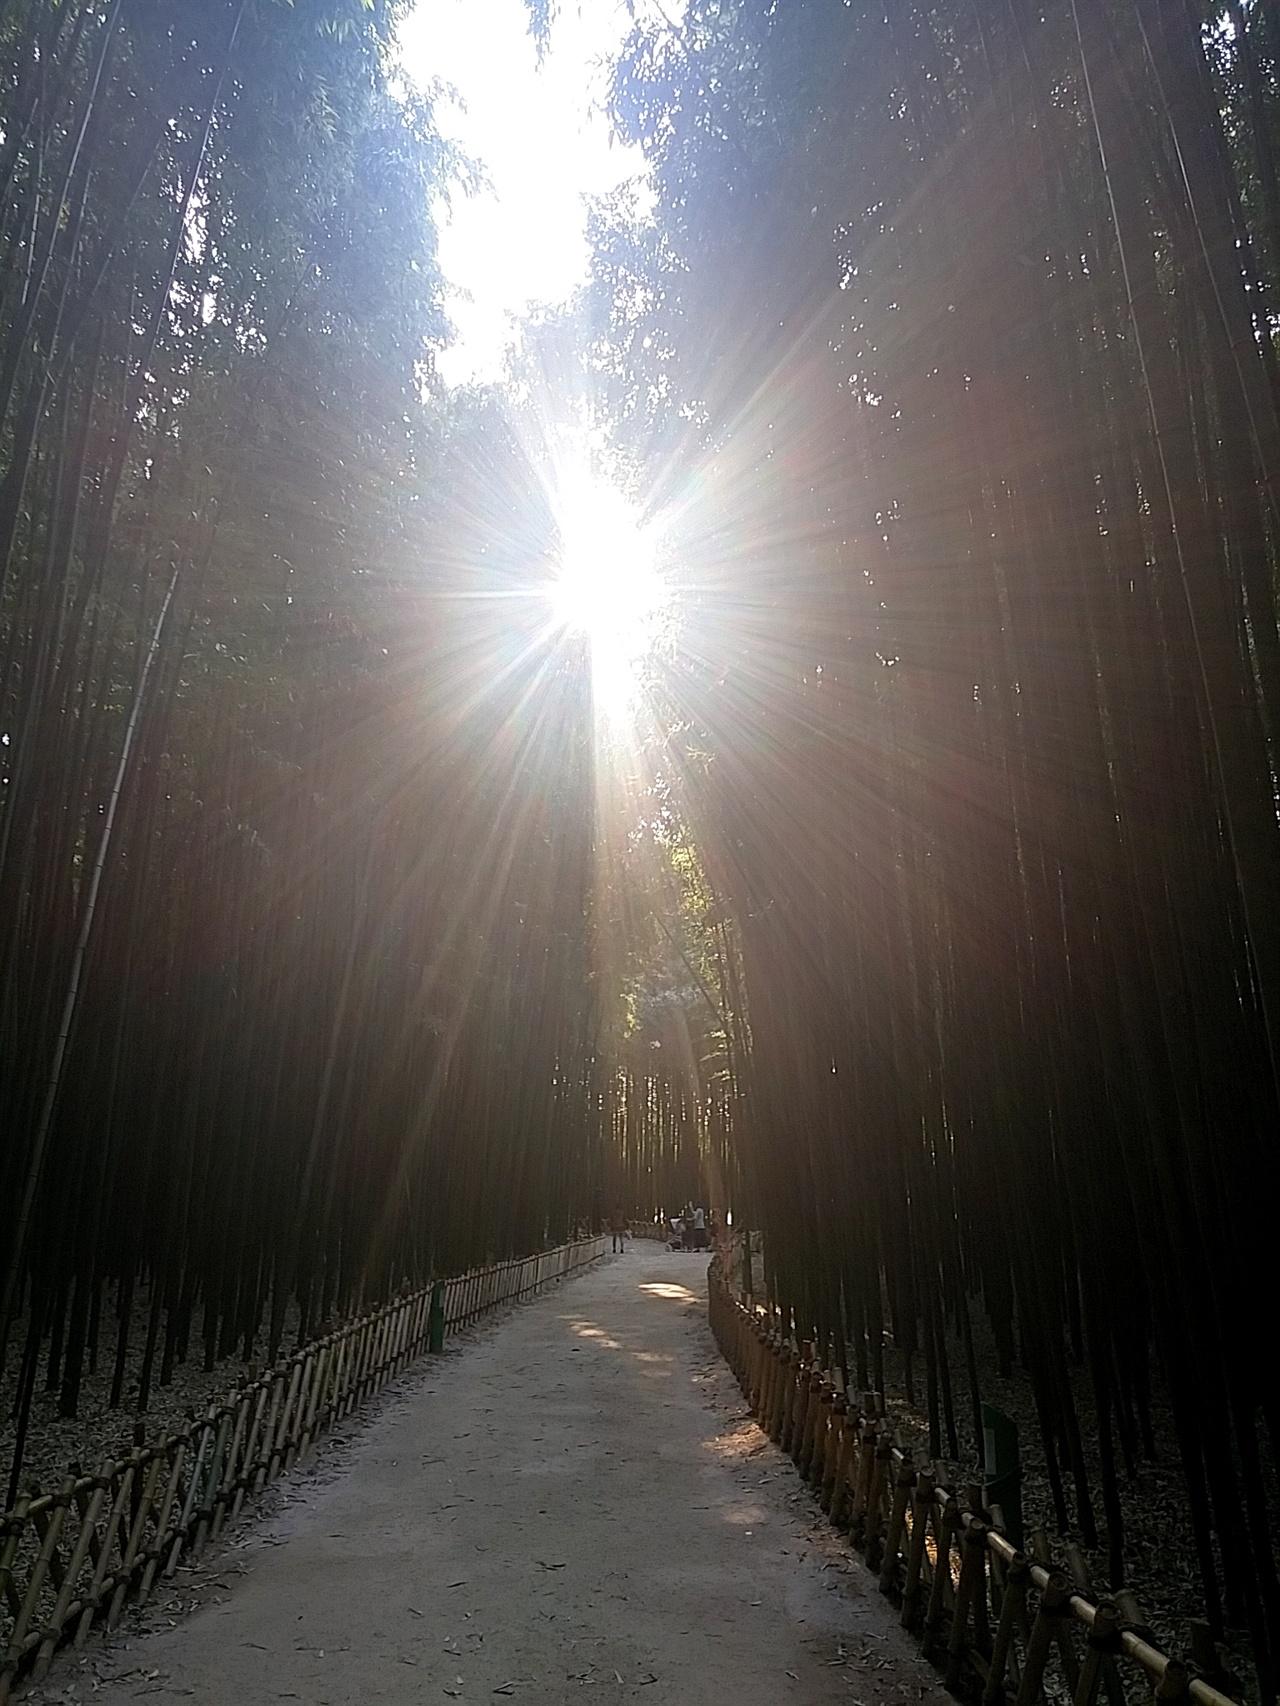 태화강과 태화강 양편에 형성된 4.3㎞의 십리대숲이 어우러져 아름다운 풍광을 연출한다.